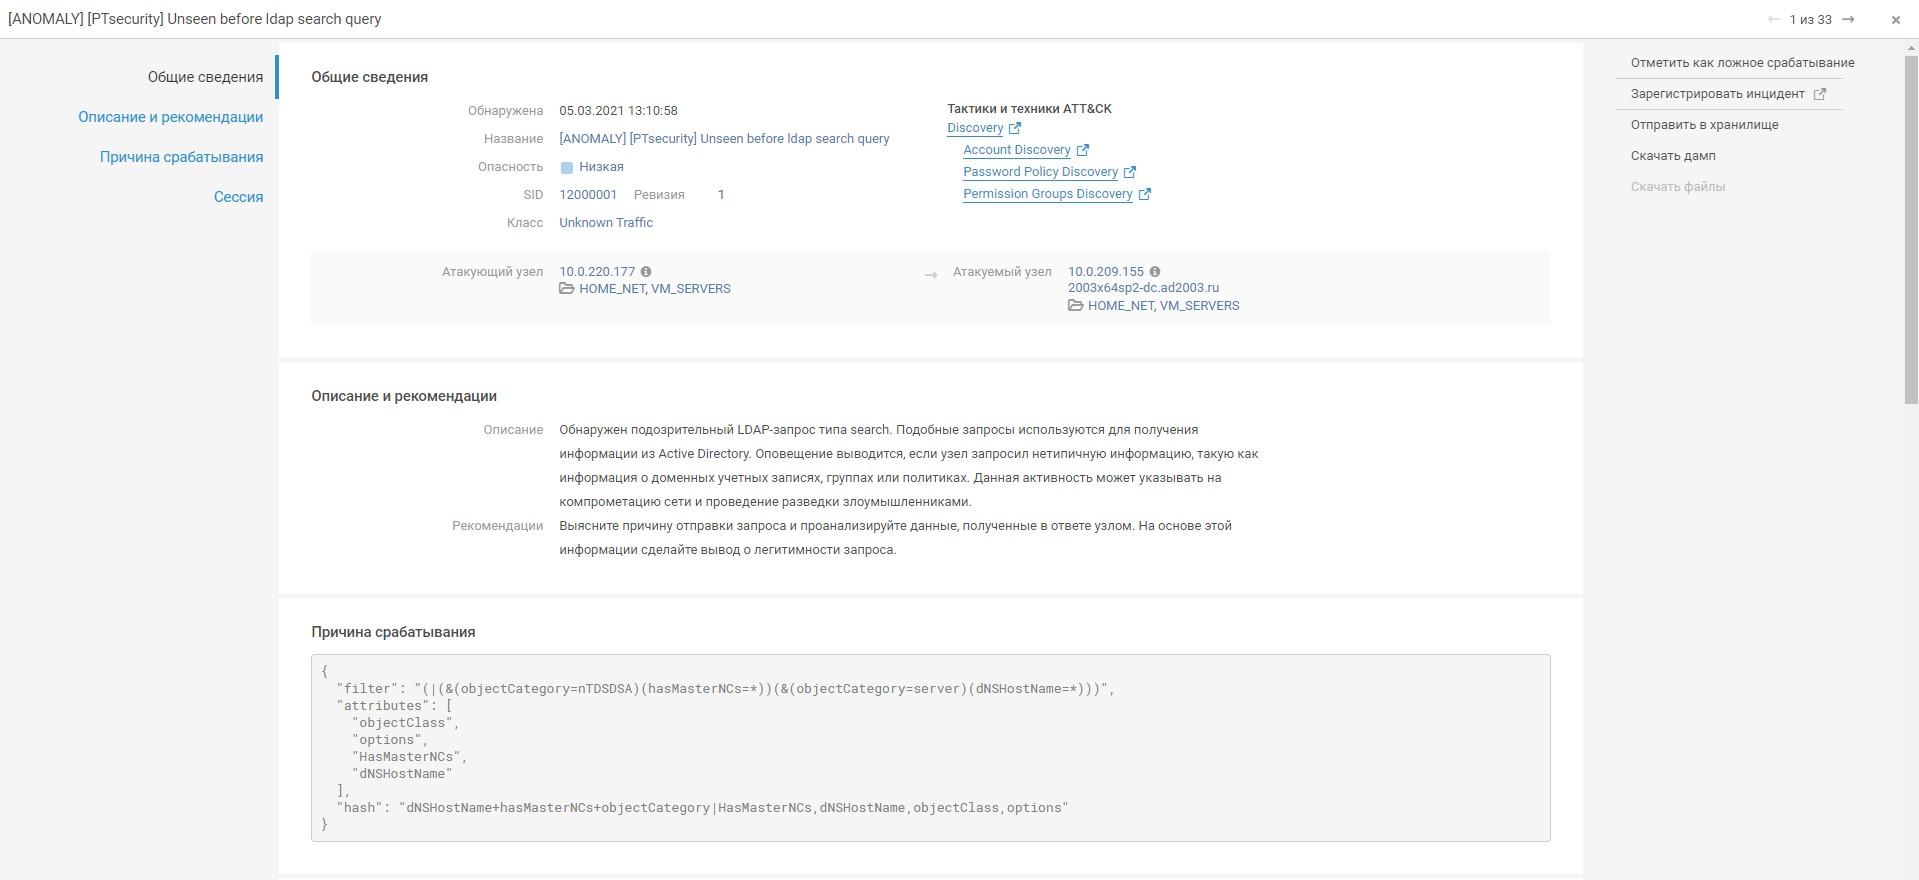 Карточки атаки с выявленным аномальным LDAP-запросом